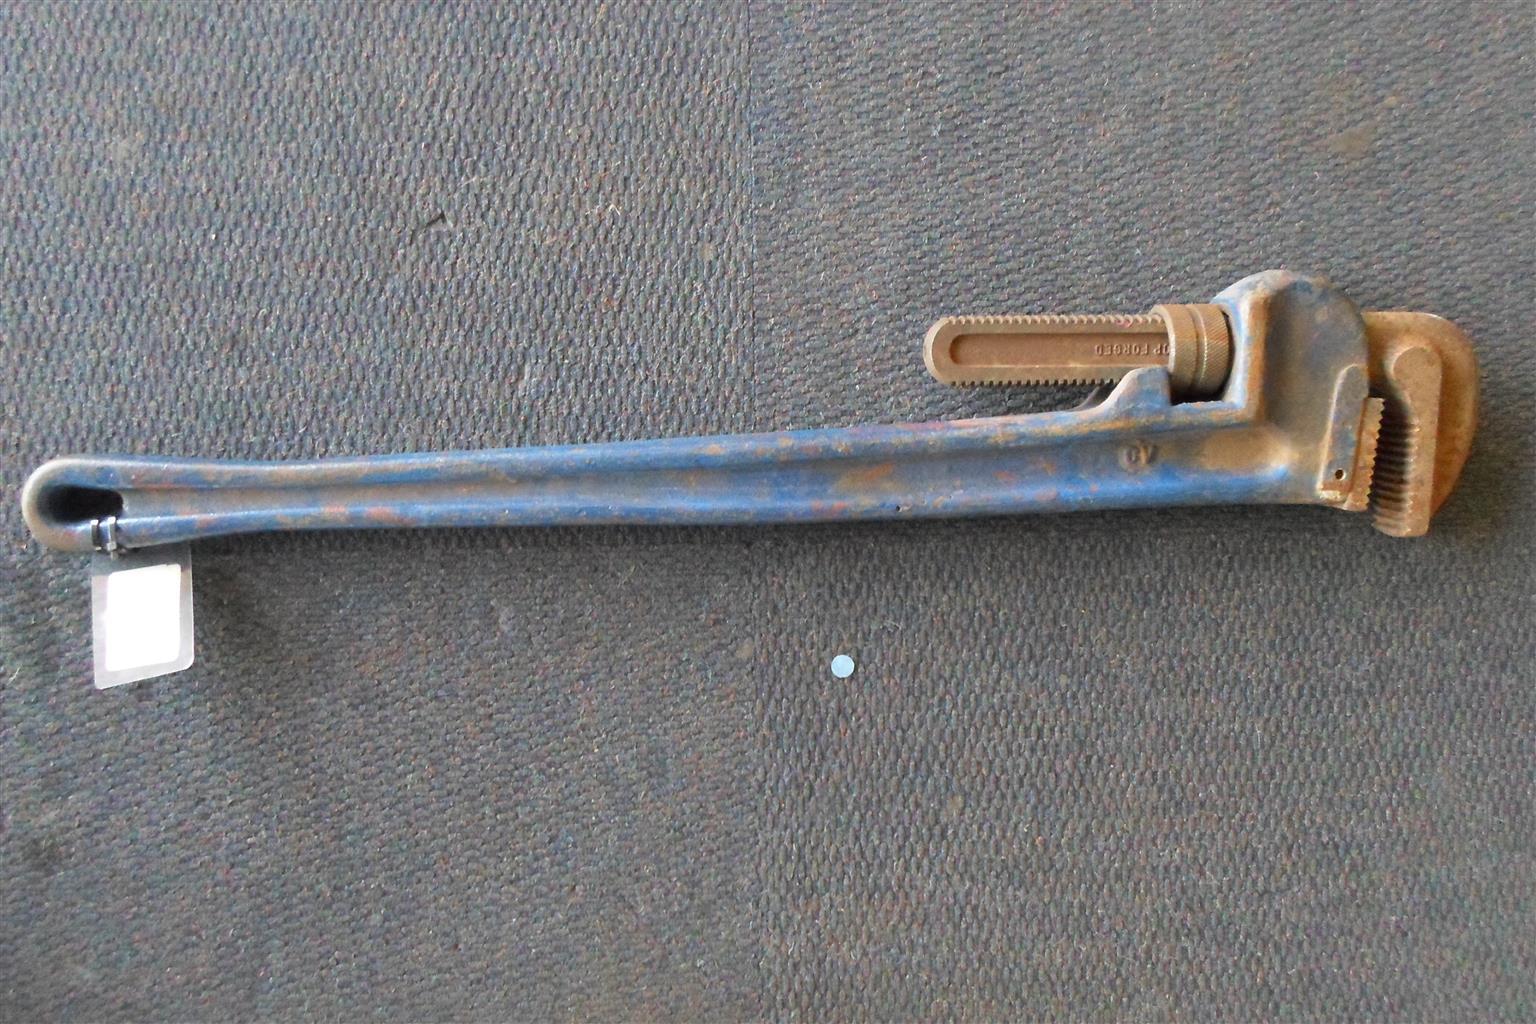 Gedore No. 227-900 Wrench - B033031881-5